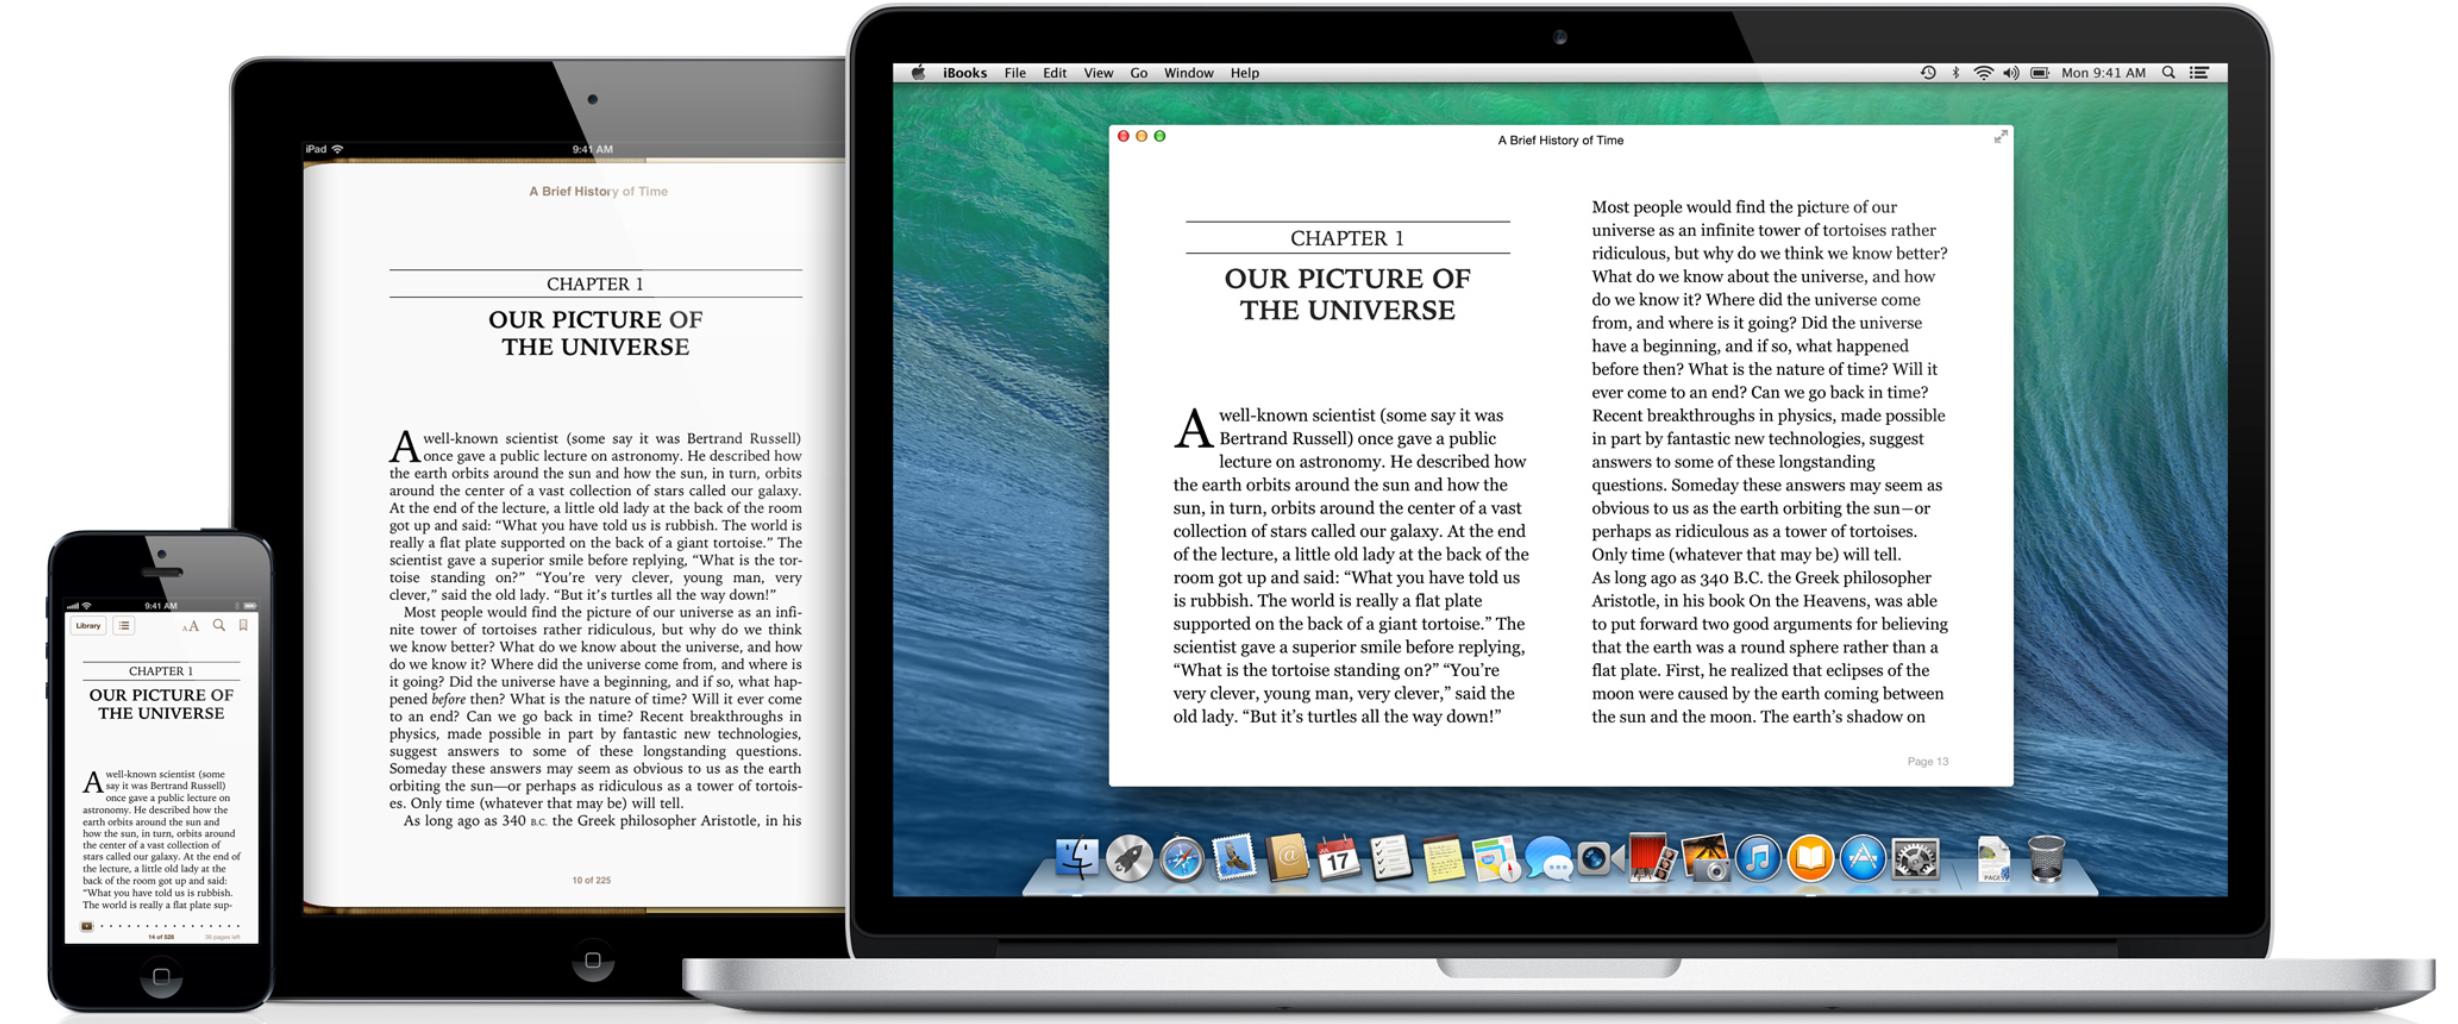 Ecco come caricare nuovi libri su iBooks per leggerli da iPhone e iPad senza utilizzare iTunes [Video]